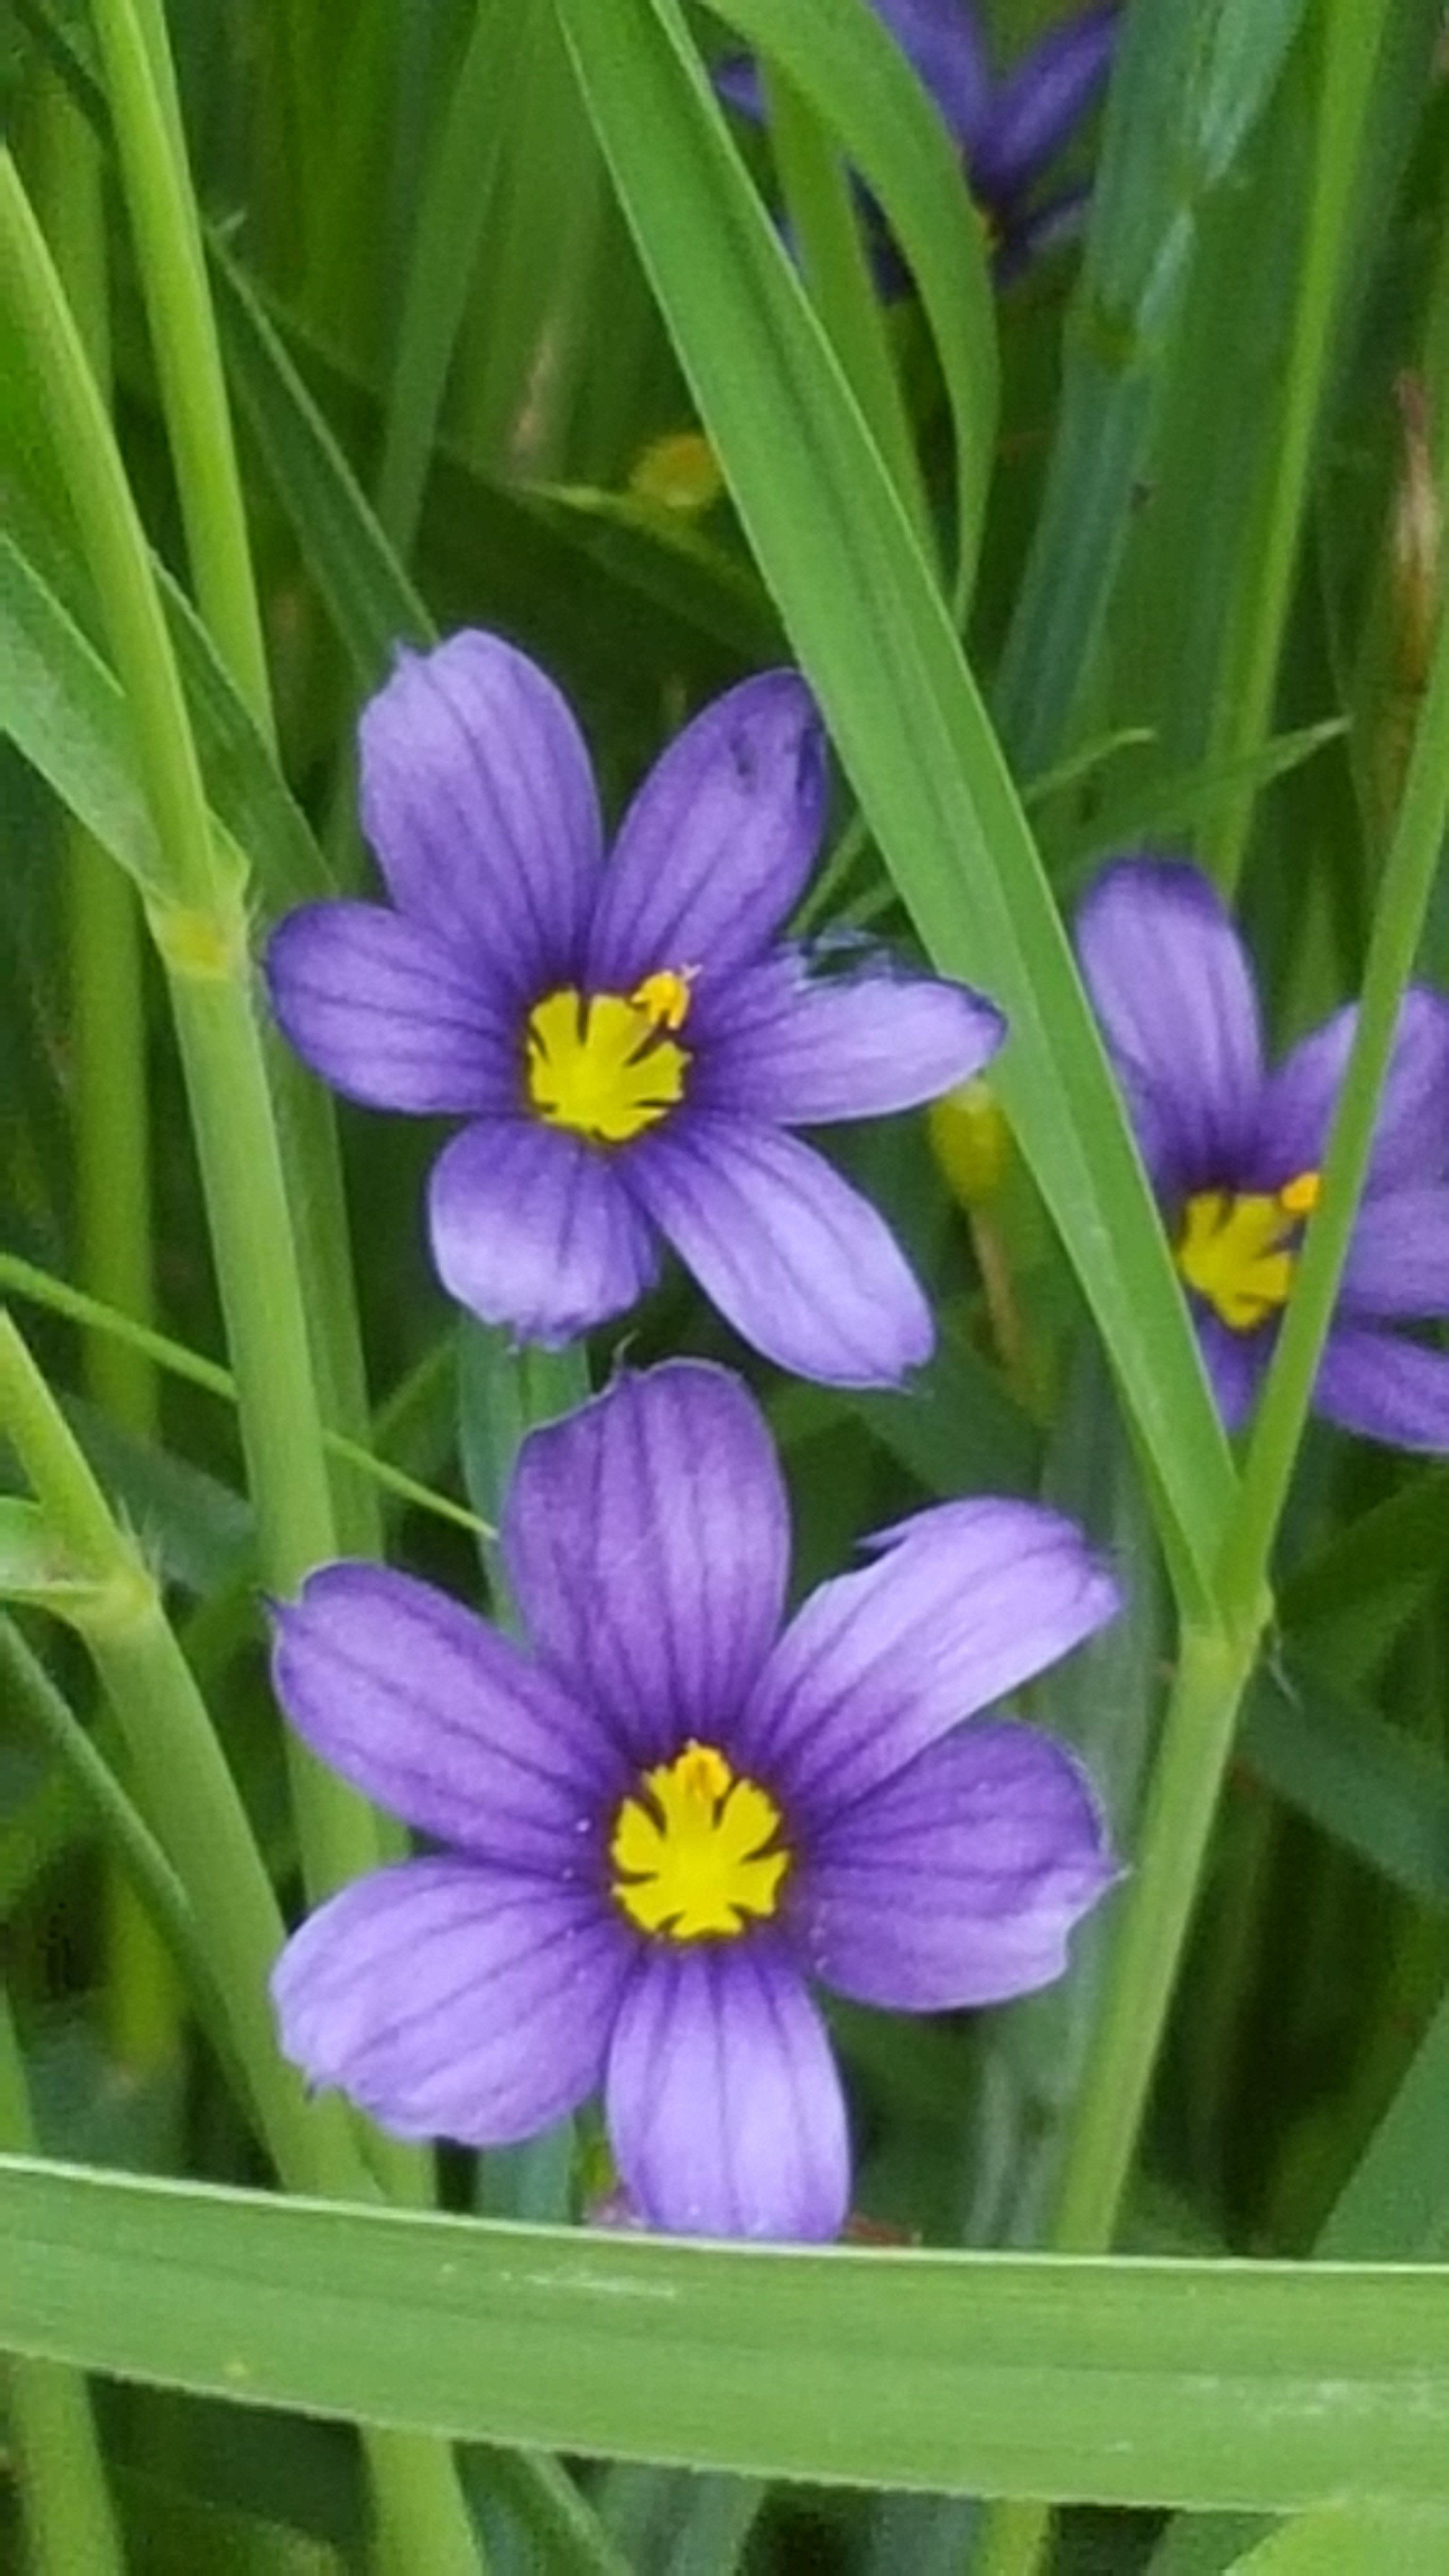 Blue Eyed Grass Sisyrinchium Angustifolium Is More Related To Iris